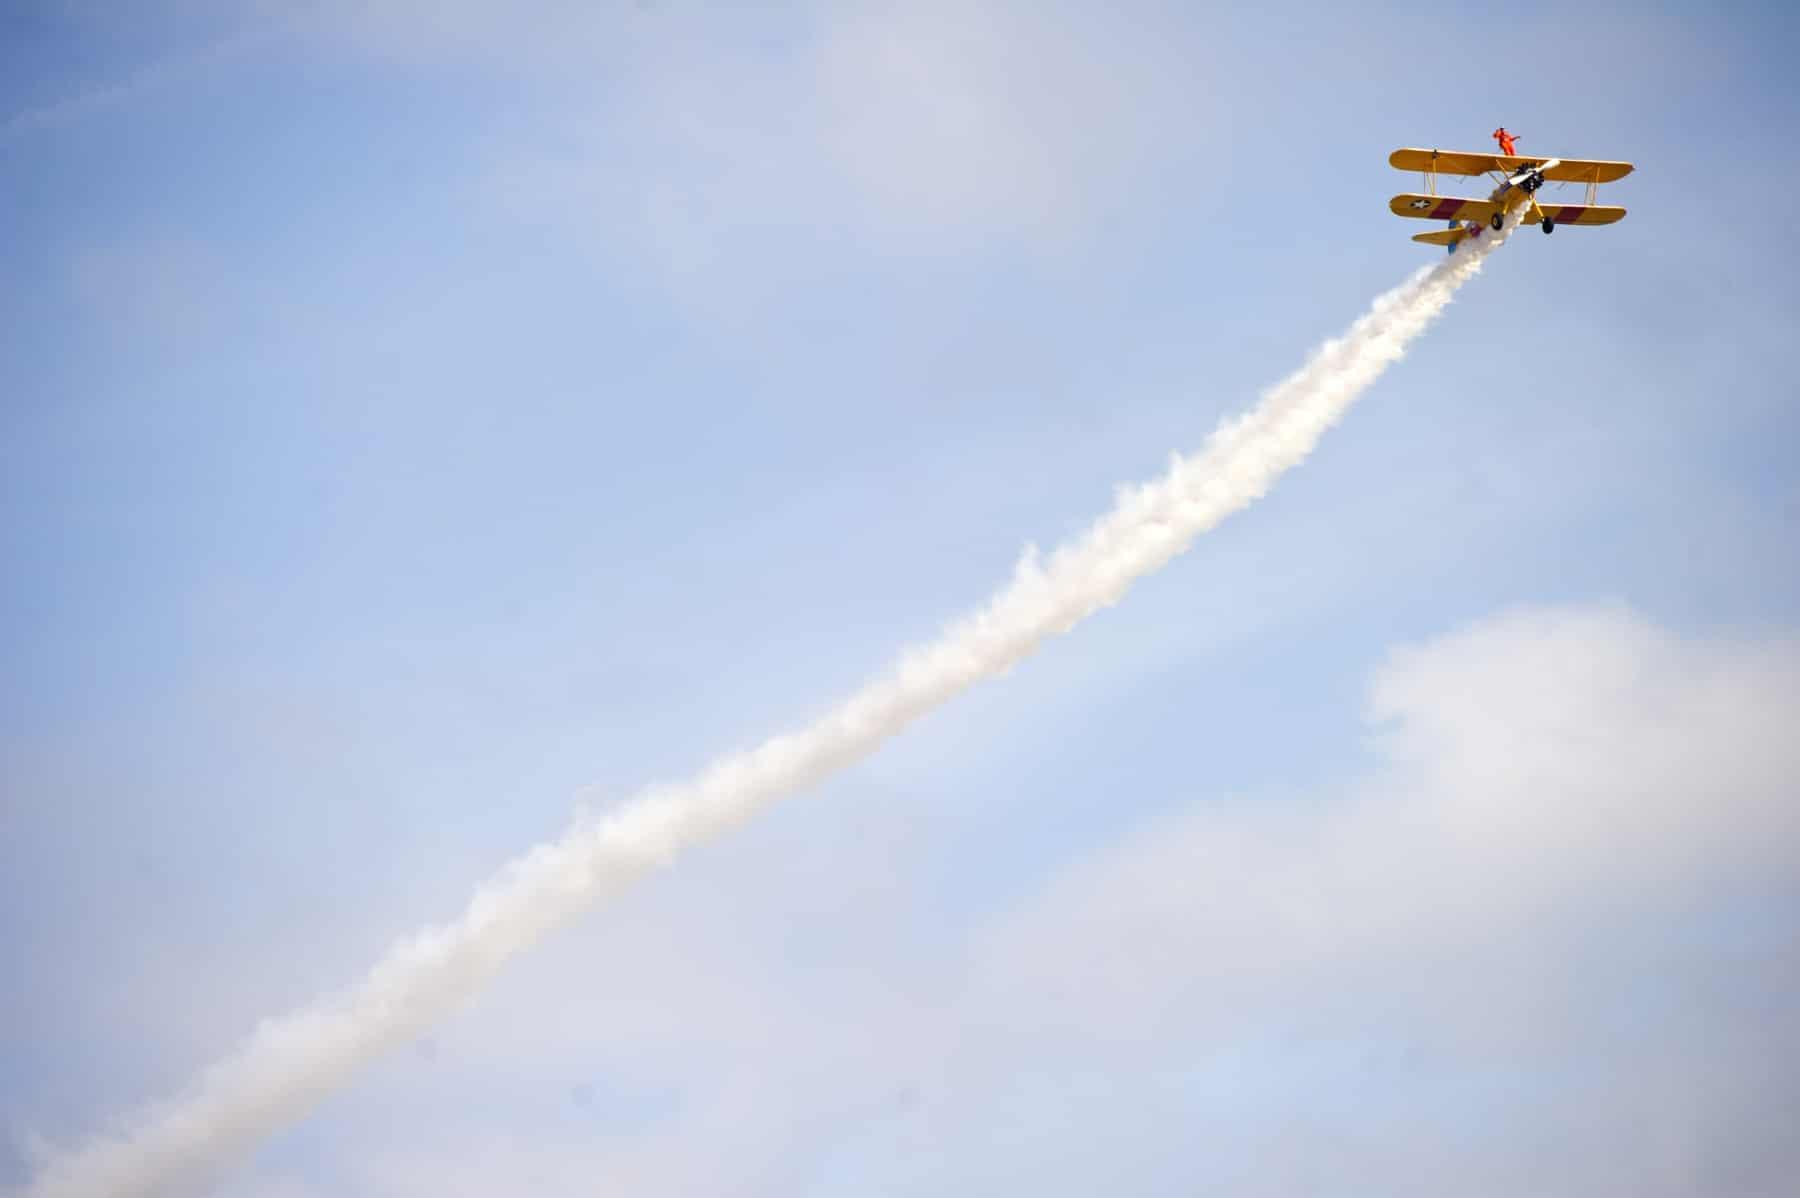 tom-lackey-acrobata-aereo-de-94-anos-en-gibraltar-10102014-15_15493079526_o